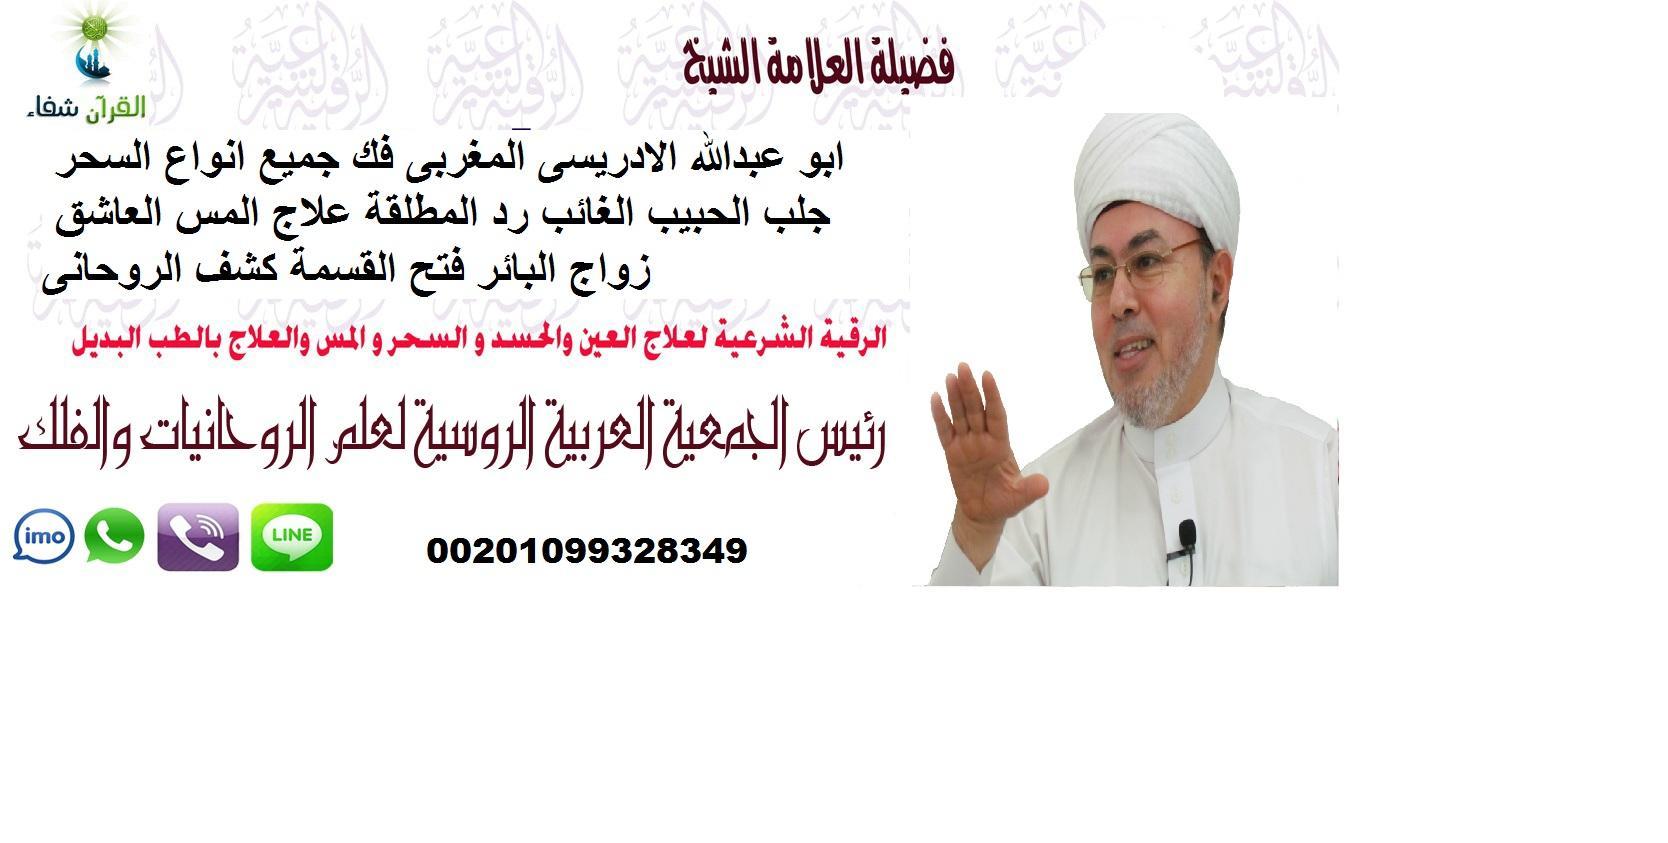 اصدق معالج روحانى السعودية,الامارات,دبى,الادرن,عمان,00201099328349 867681353.jpg